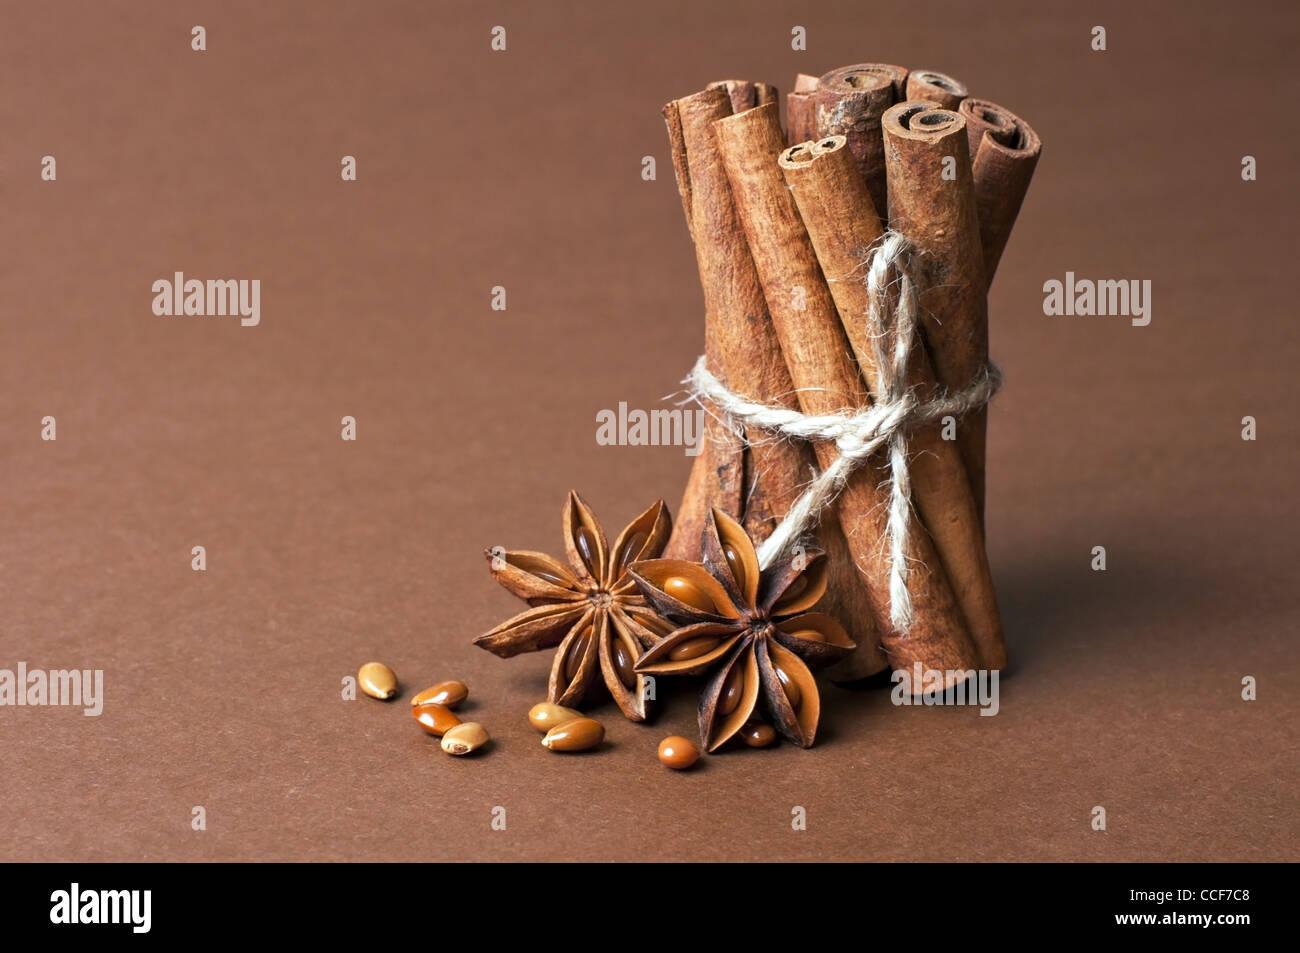 Le bâton de cannelle et anis étoile sur fond brun Photo Stock